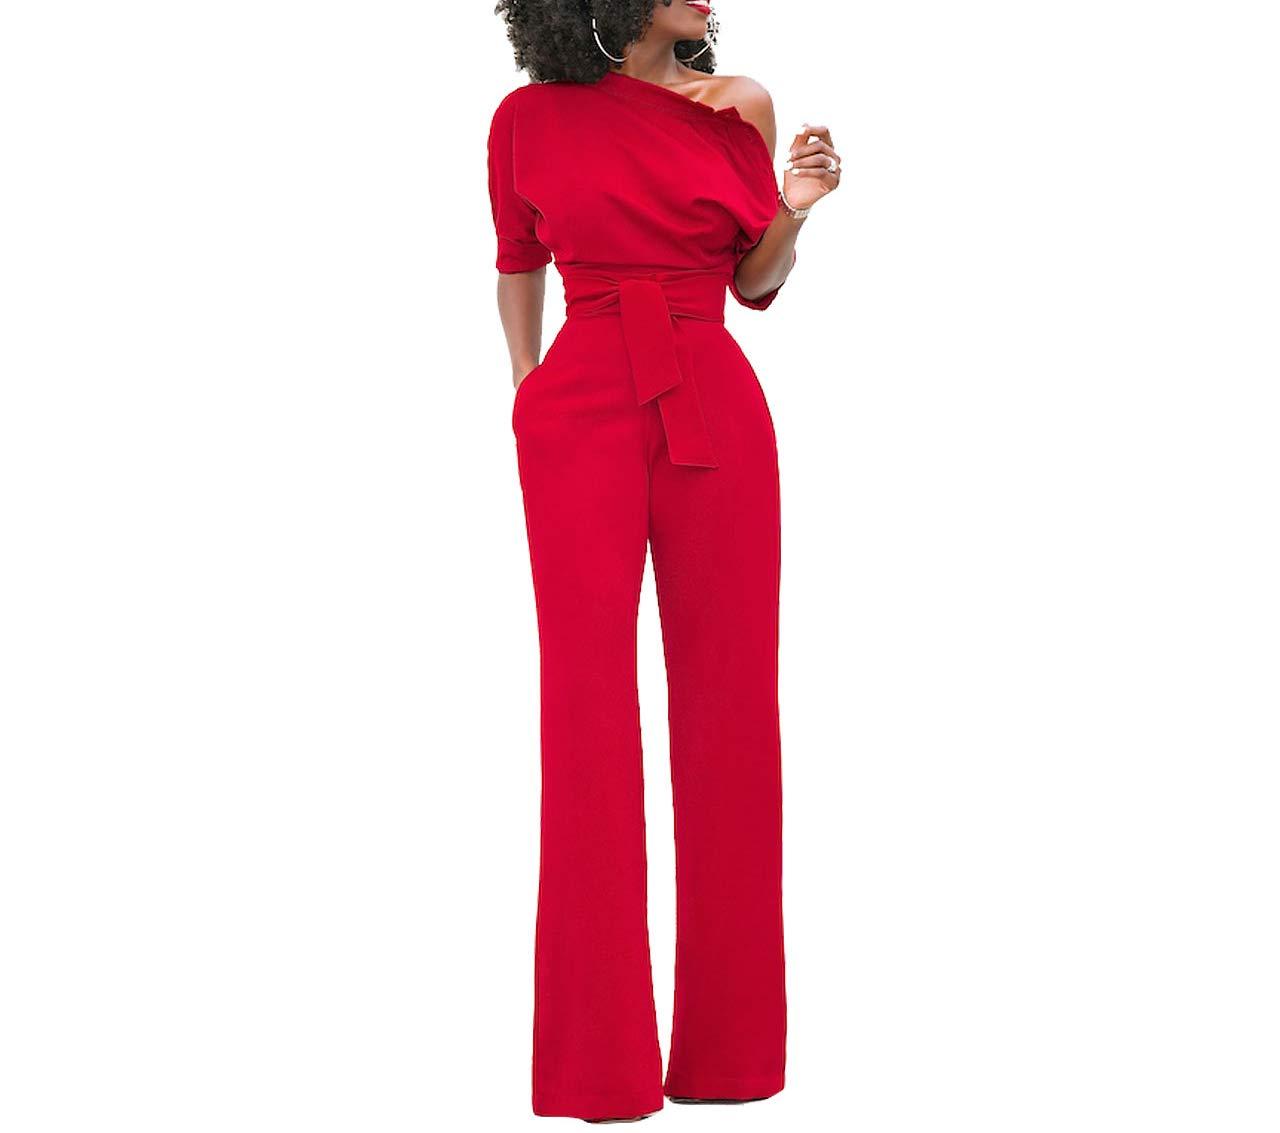 Damen Elegante Jumpsuit Lang Weites Bein Overalls Hoher Taille Spielanzug mit Gurt Halbe HÜlse Weg von Den Schulter, Rot